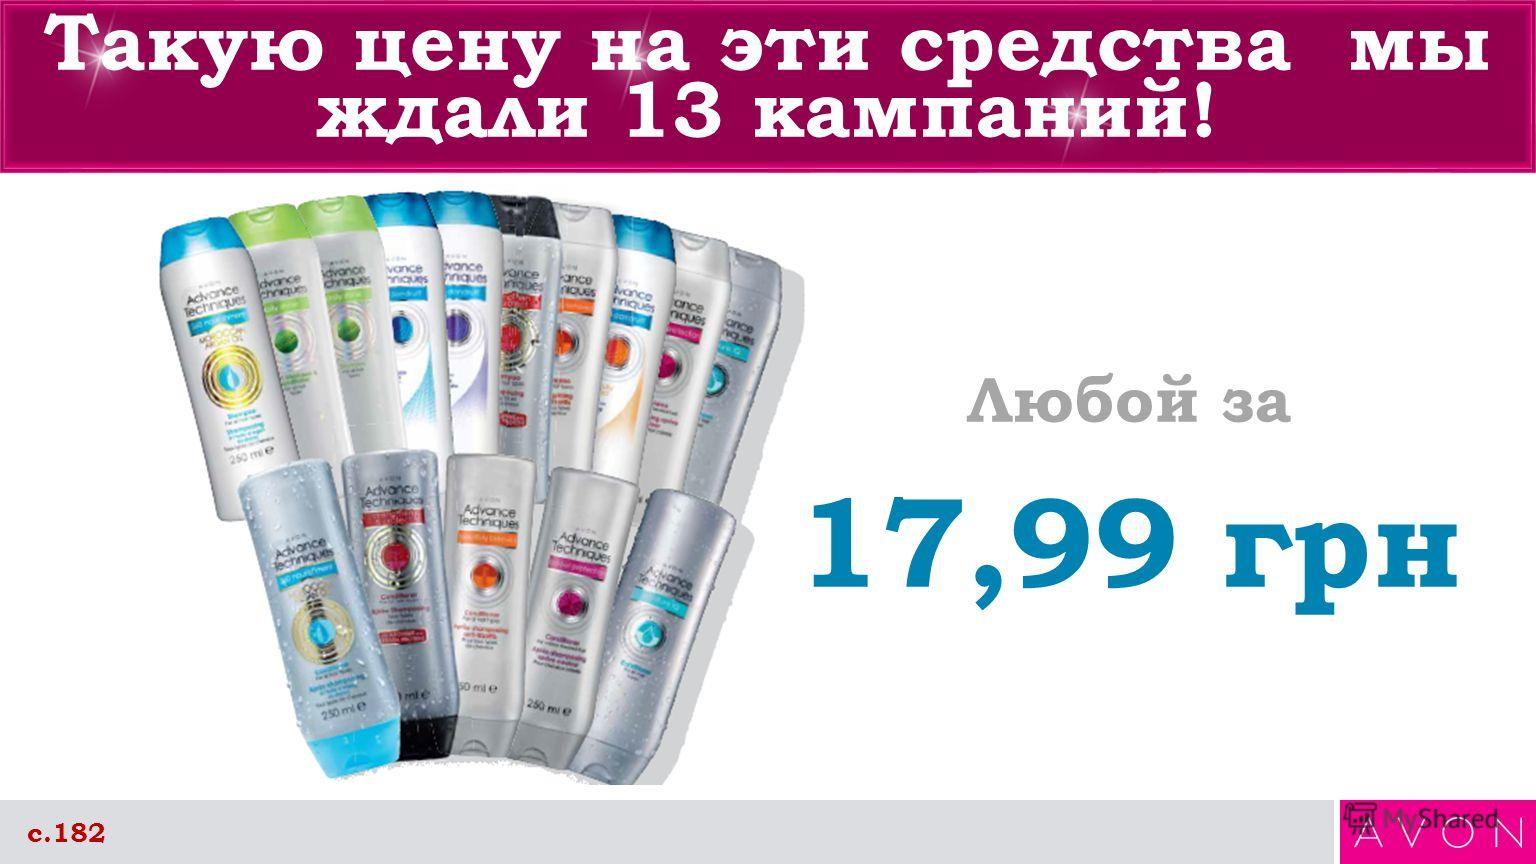 Такую цену на эти средства мы ждали 13 кампаний! с.182 Любой за 17,99 грн